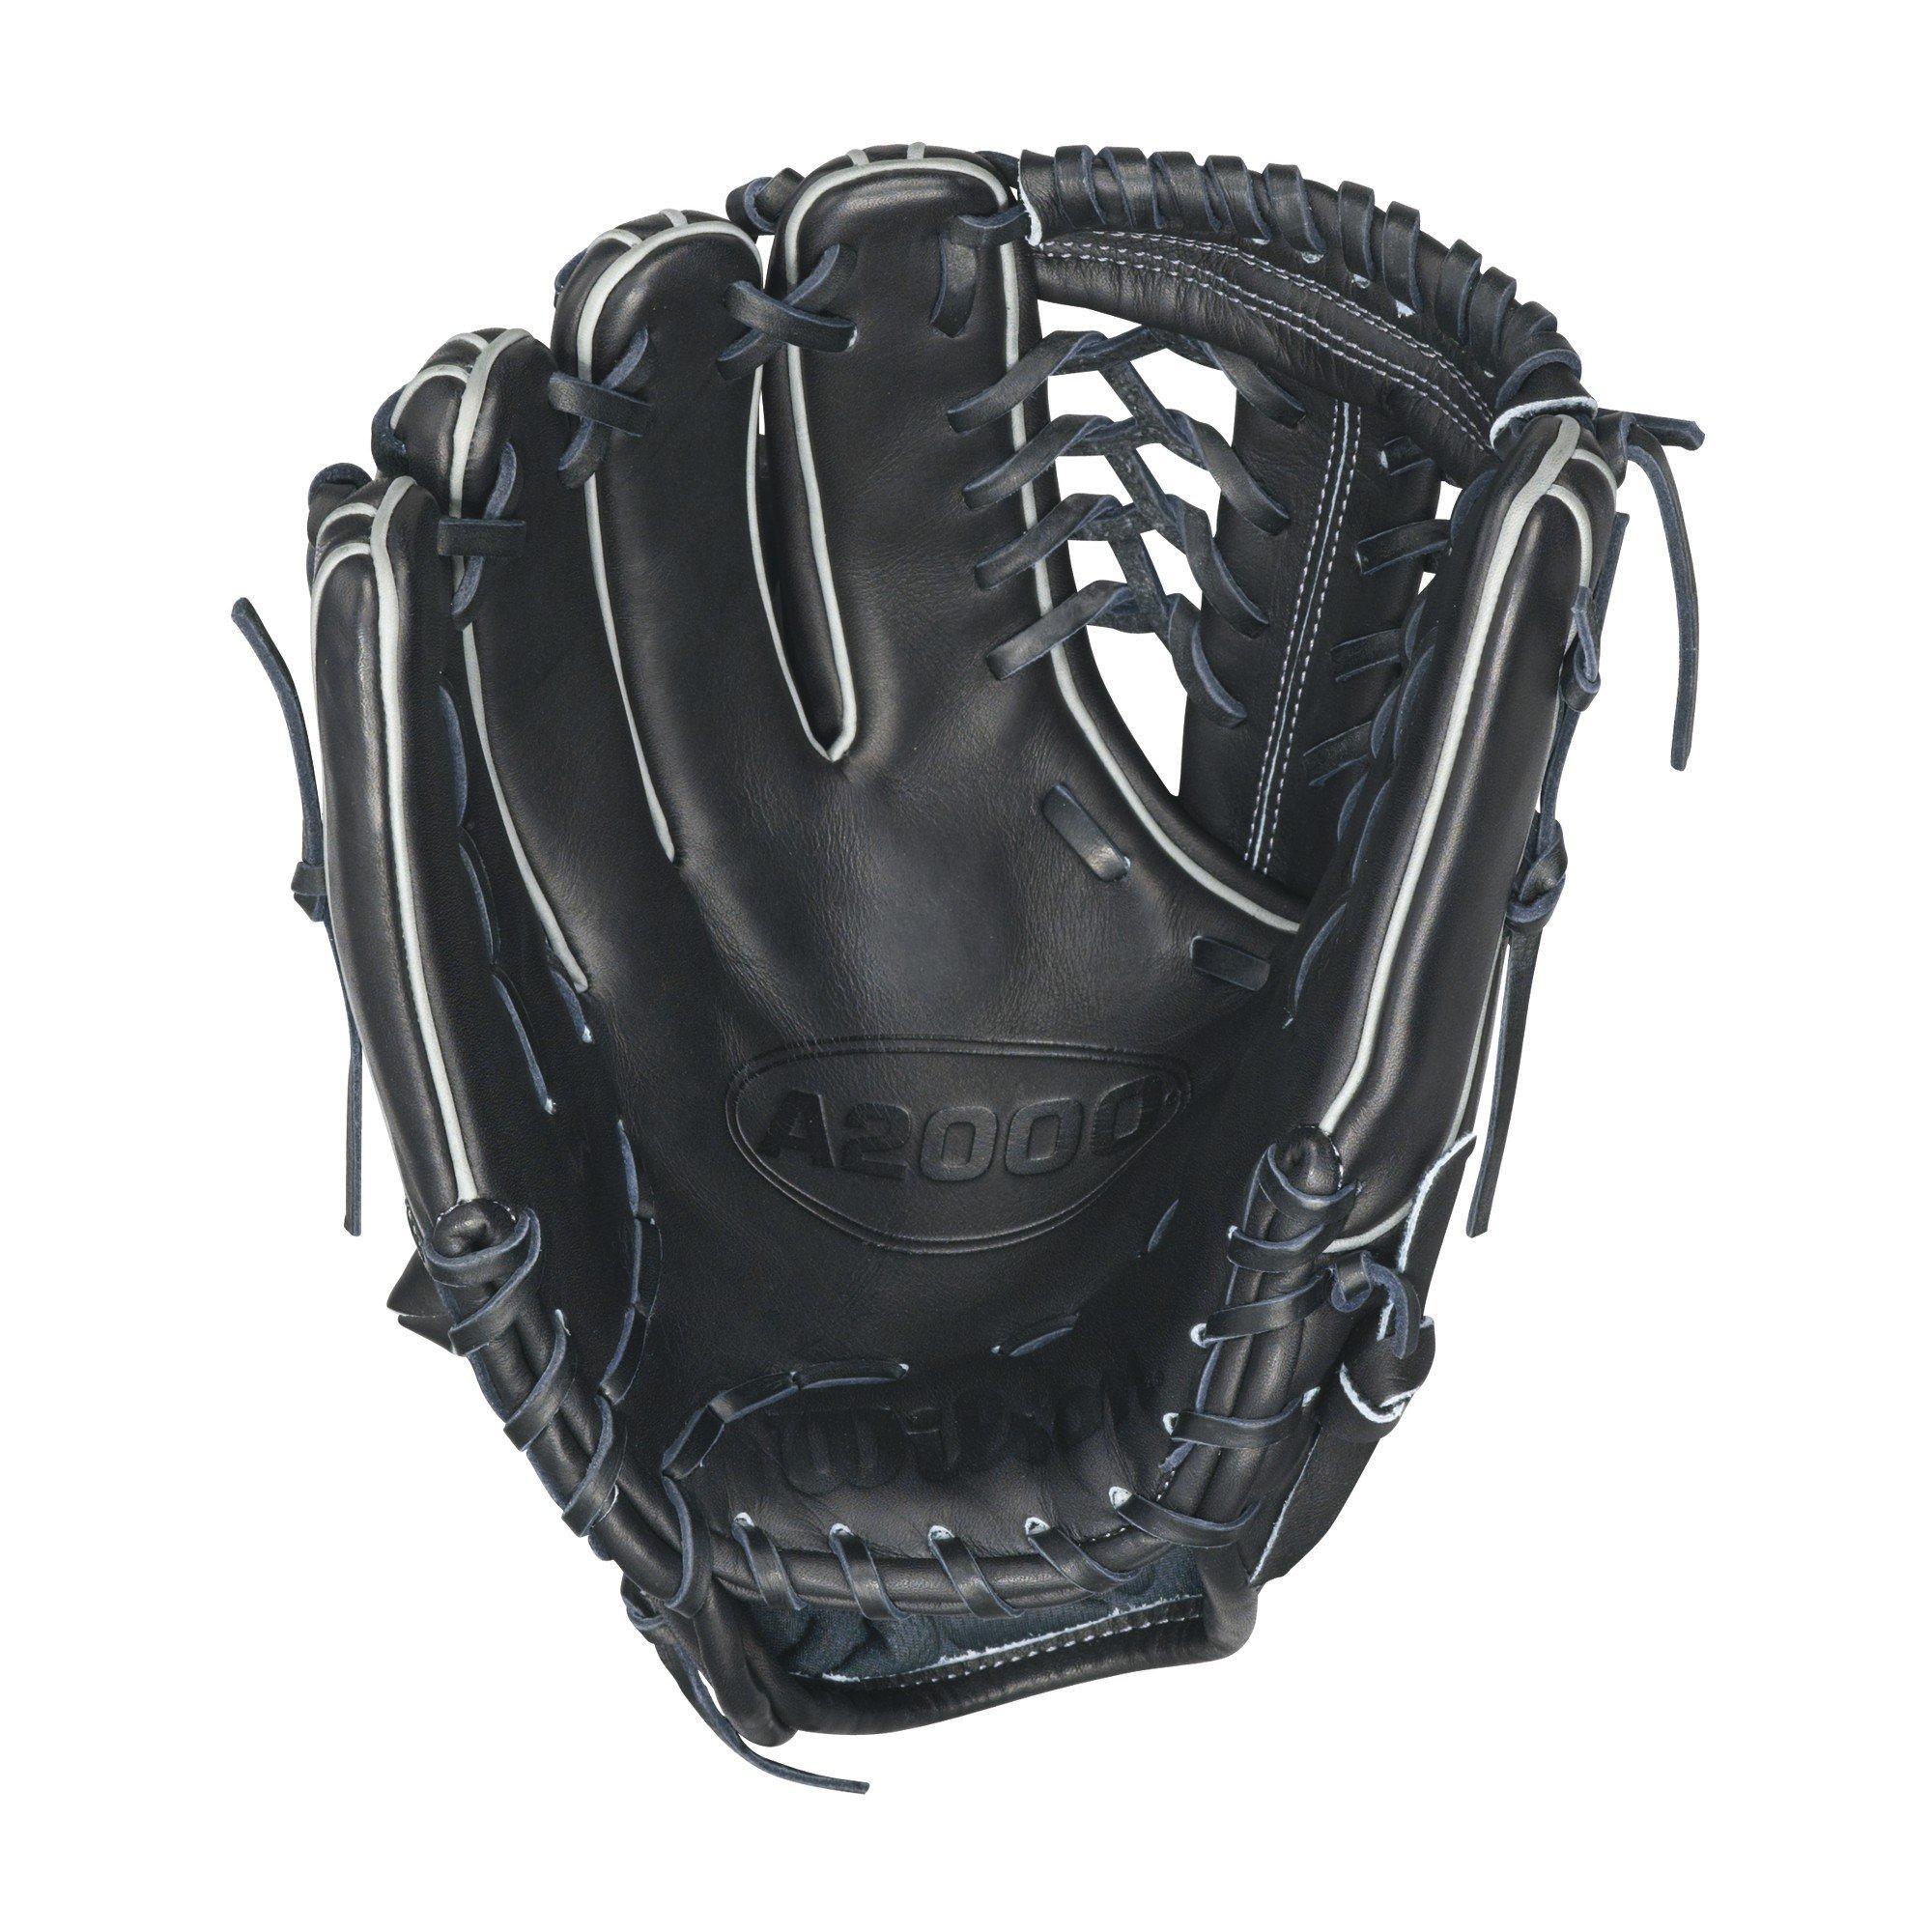 Michael jordan baseball gloves